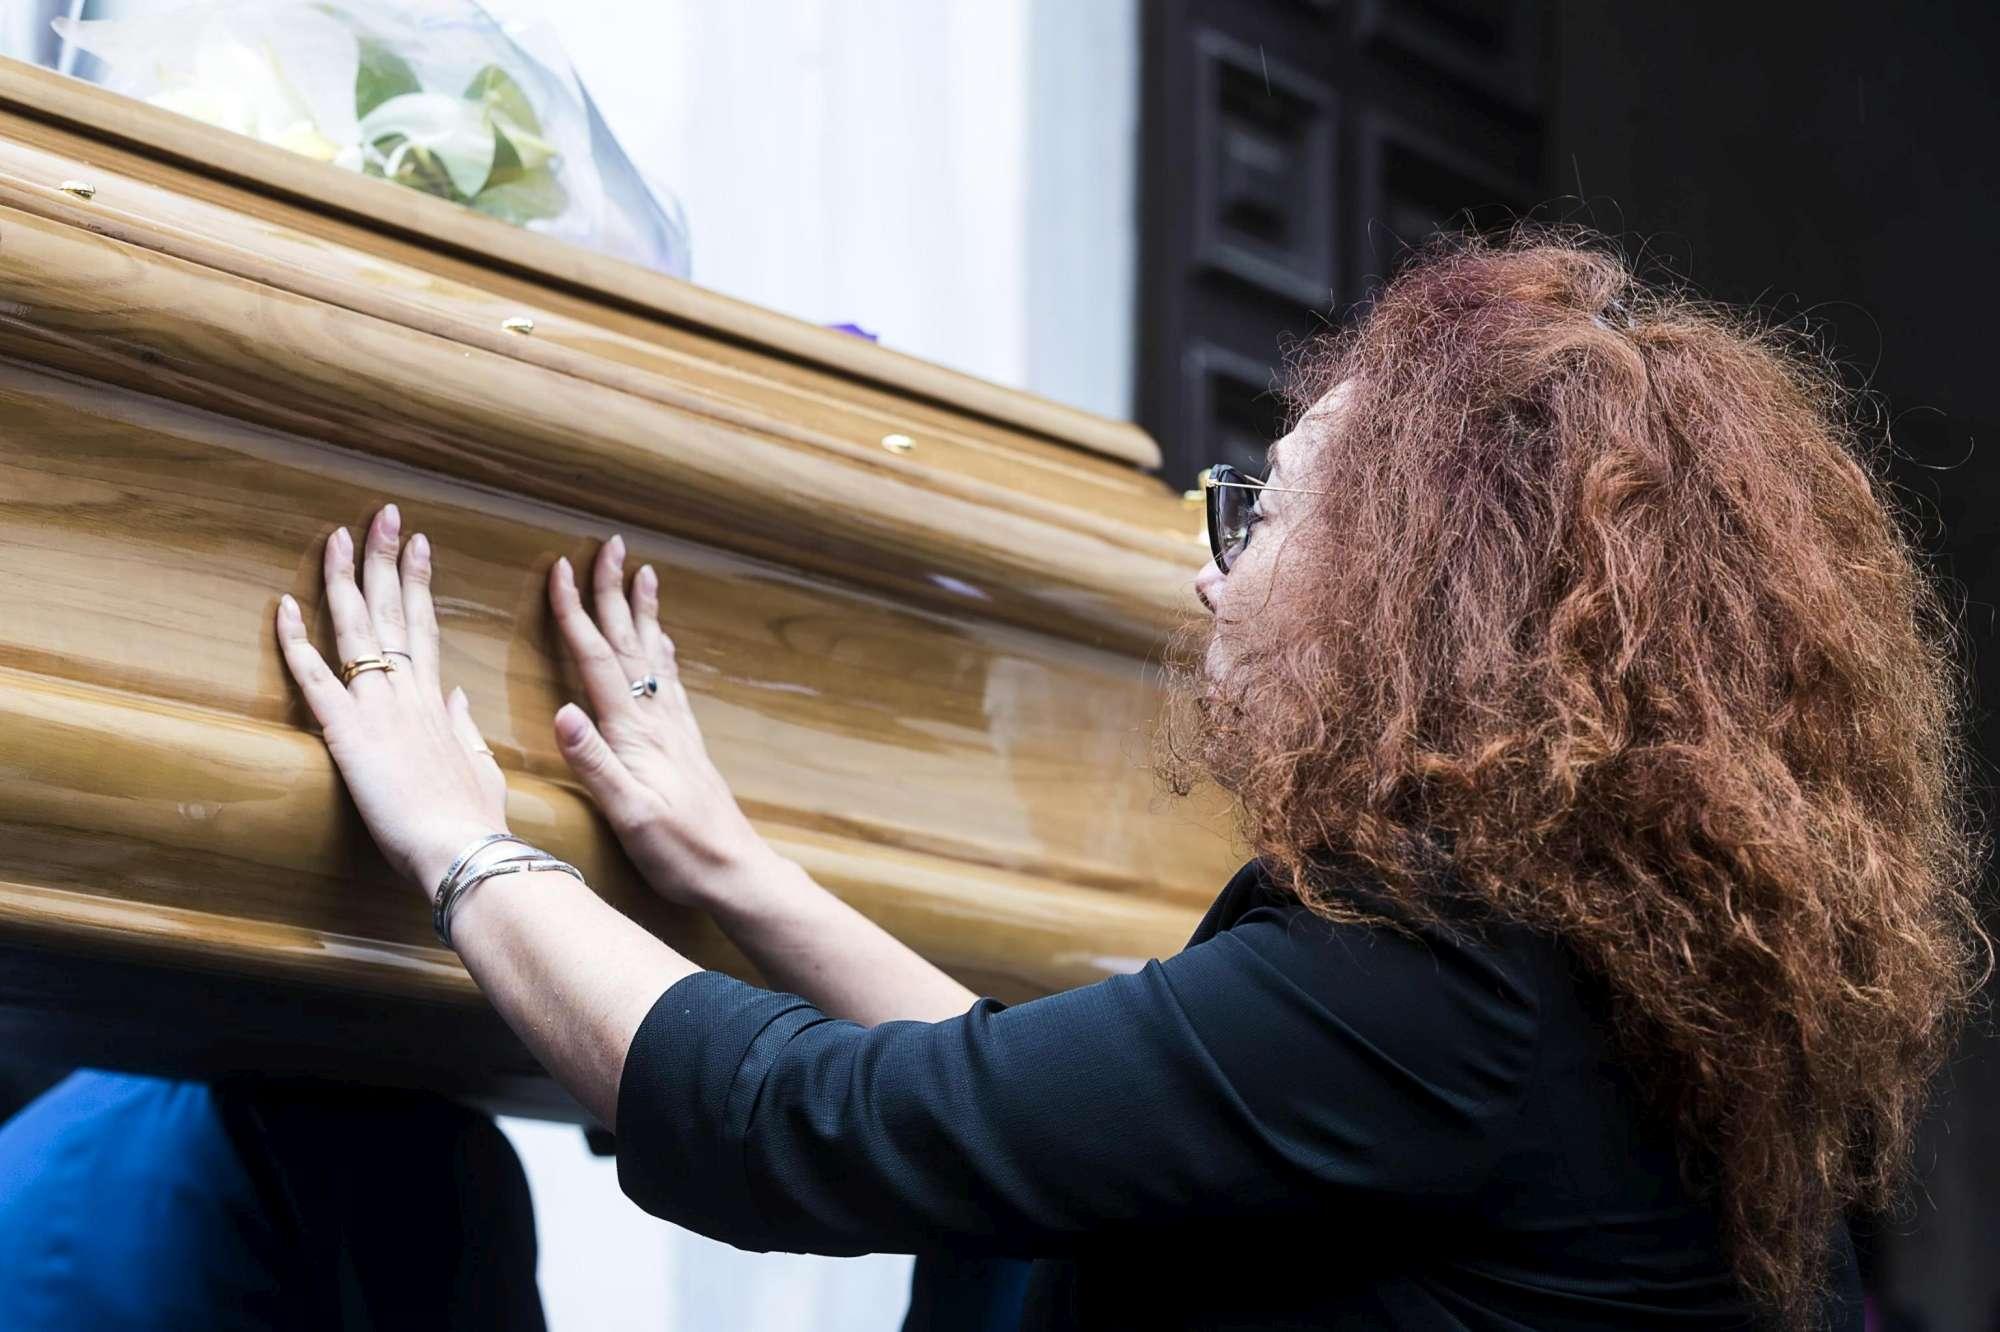 Roma, la camera ardente del vice brigadiere ucciso: la moglie accompagna il feretro